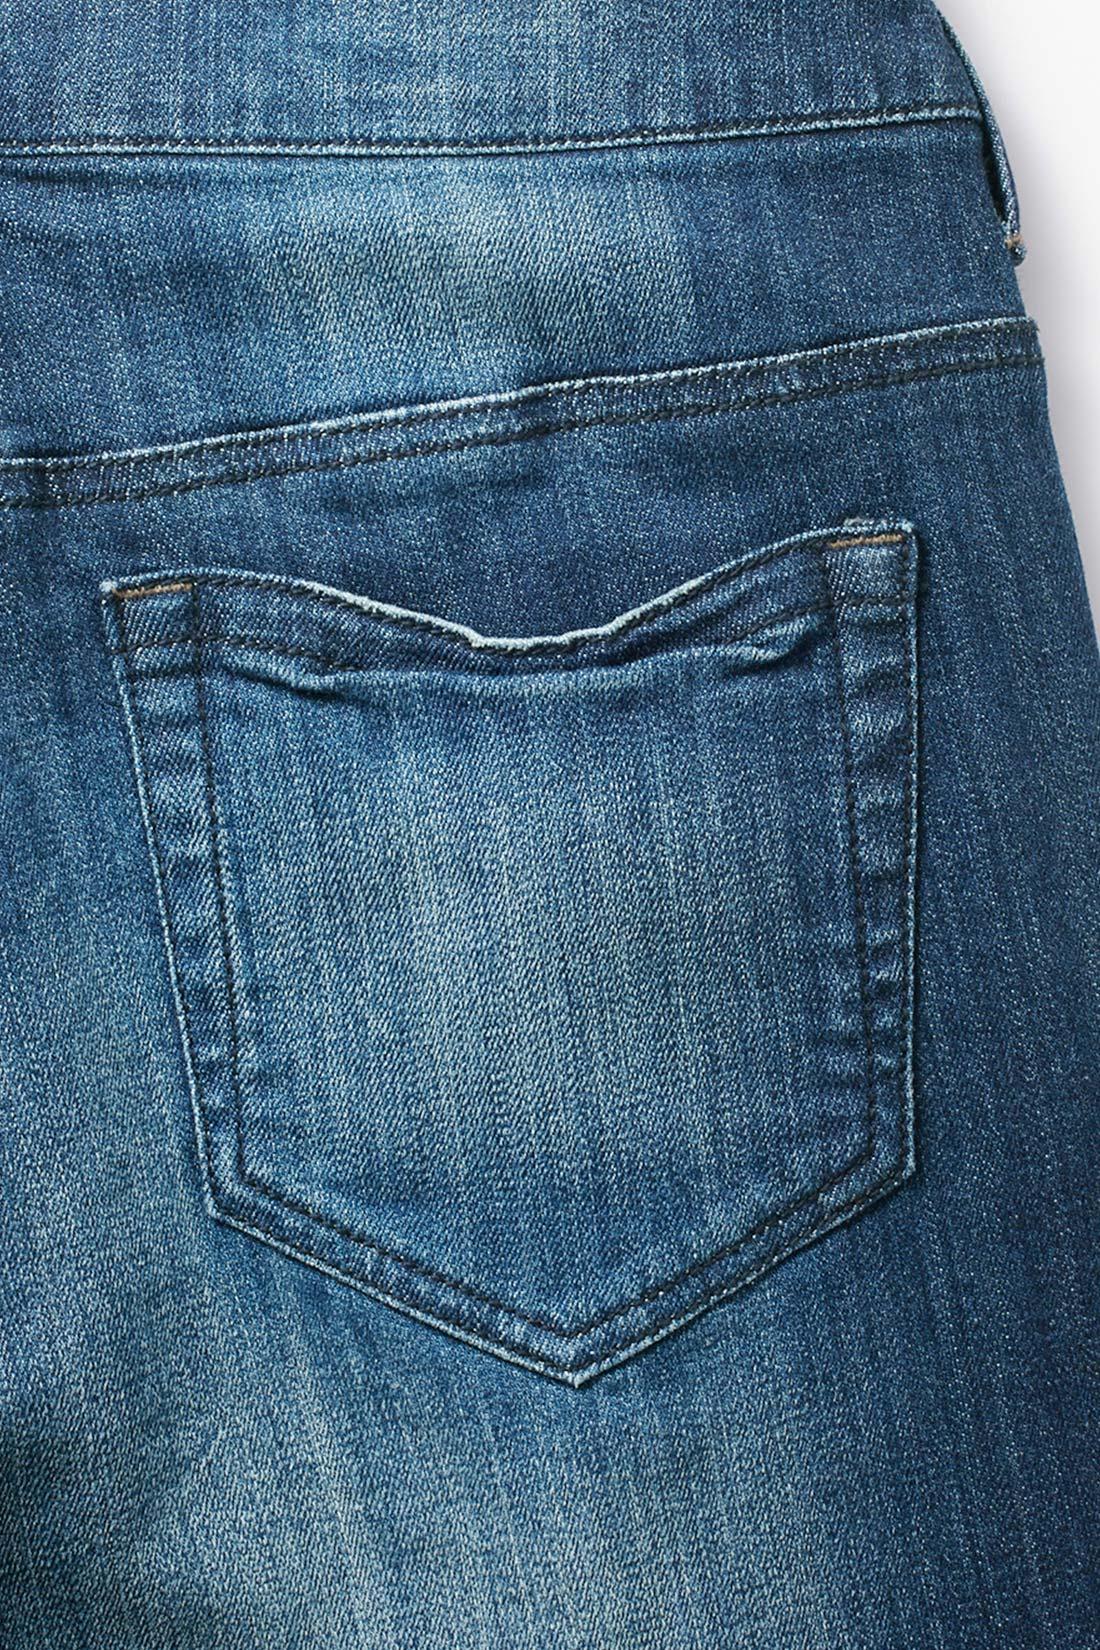 後ろポケットにもヴィンテージ加工 長くはき込んだような生地の擦れやアタリ、色落ちだけでなく形状まで、風合いたっぷり。